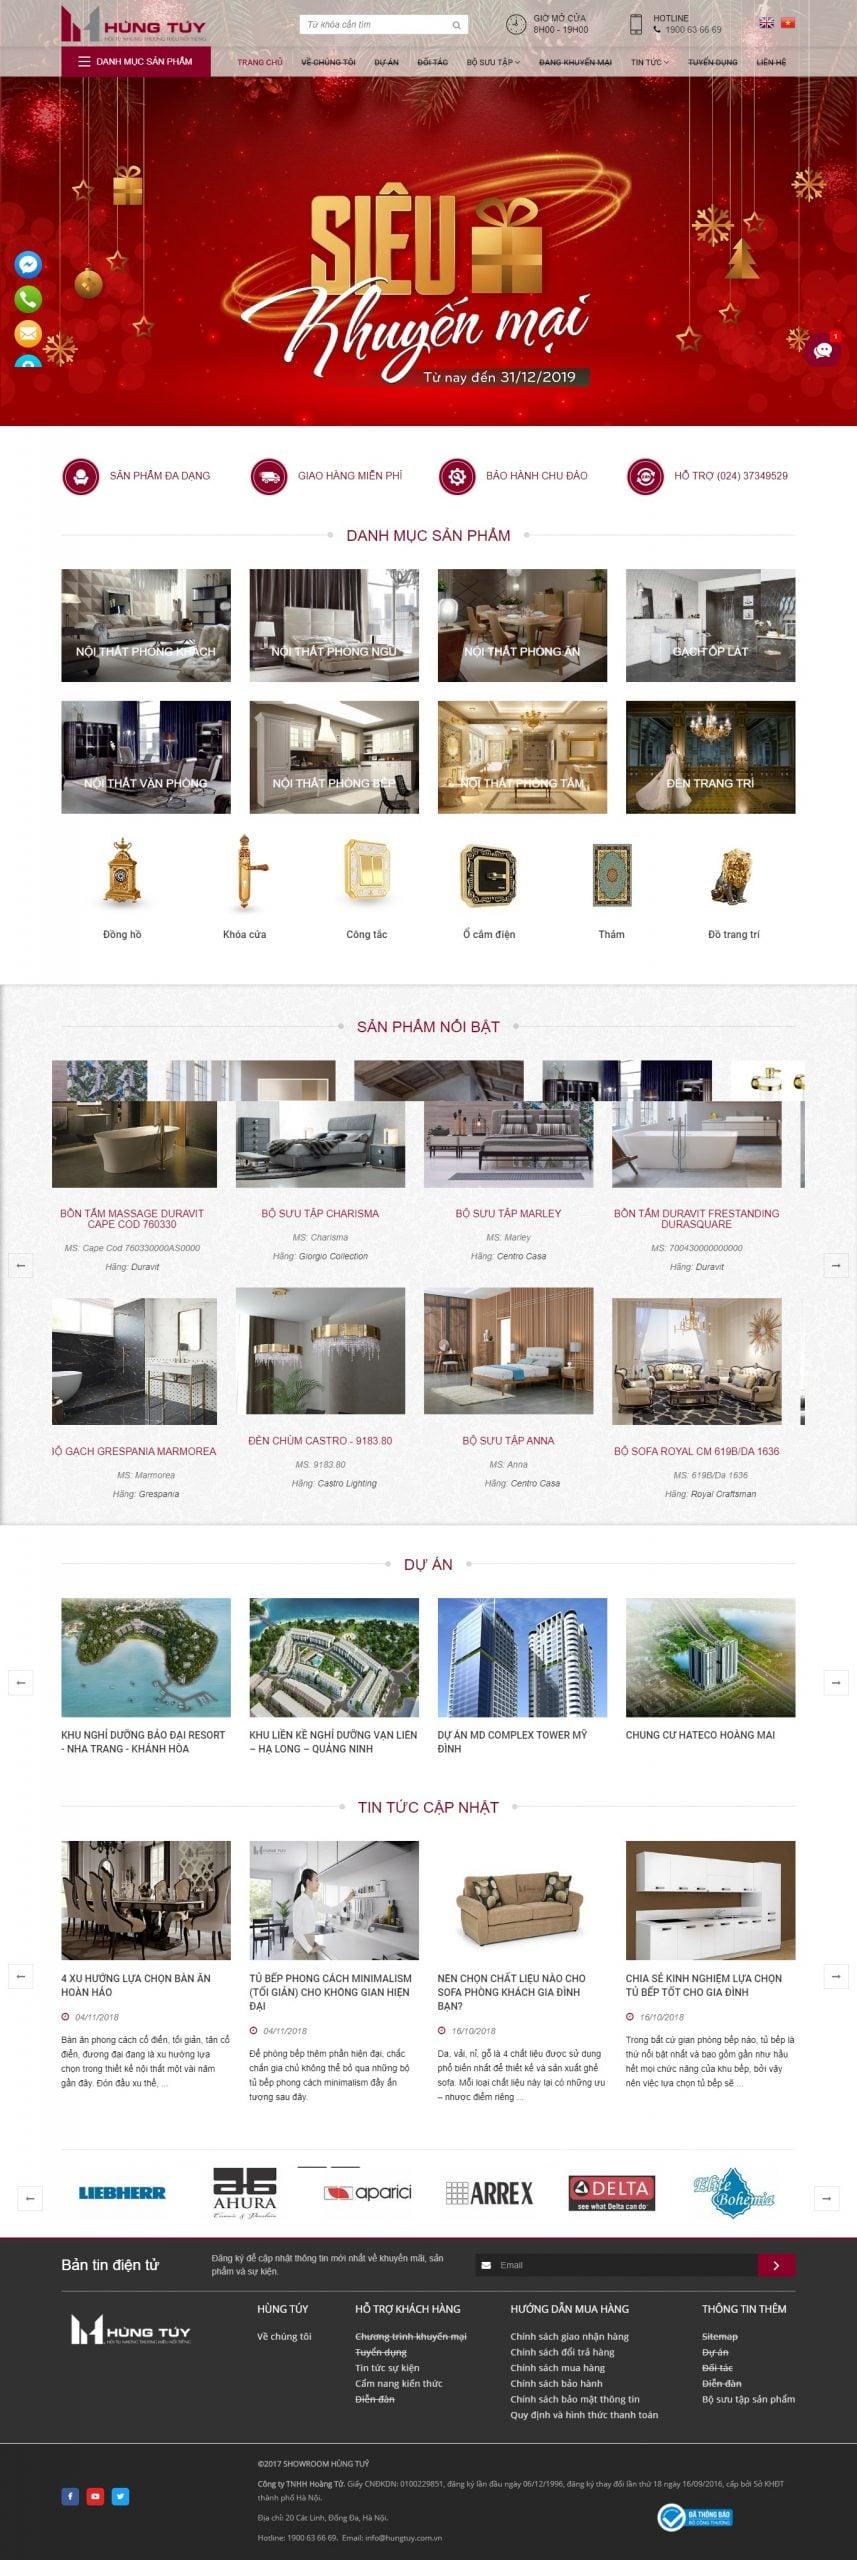 Mẫu thiết kế website bán hàng – hungtuy.com.vn Showroom Hùng Túy chuyên đồ nội thất cao cấp nhập khẩu tại châu âu